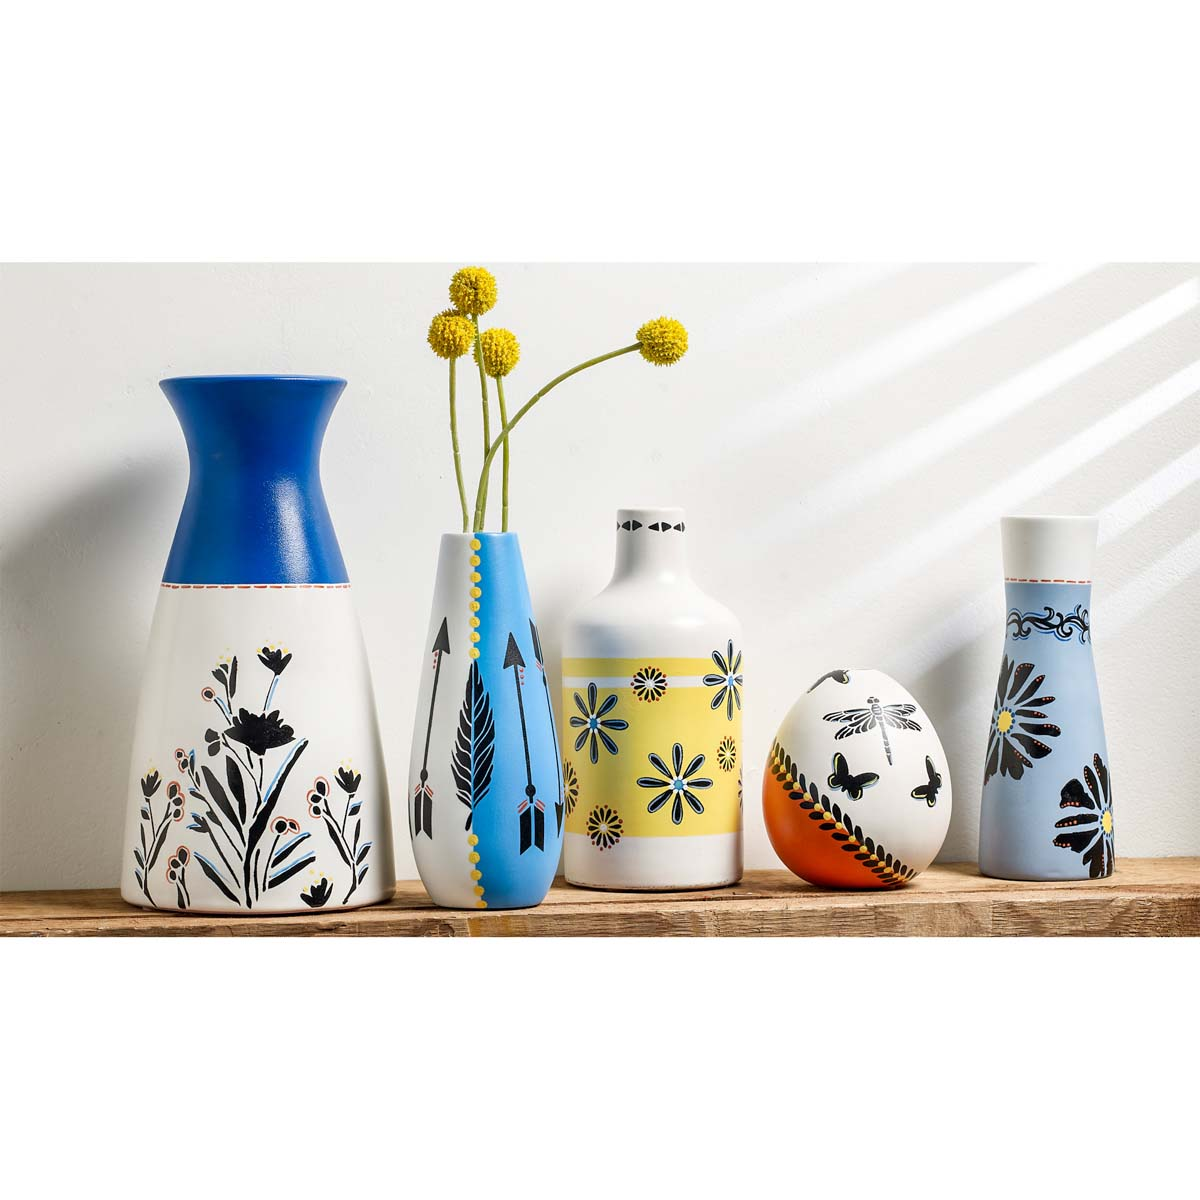 FolkArt PROMOGLS16 Glass Paint Set, 16 Colors - PROMOGLS16